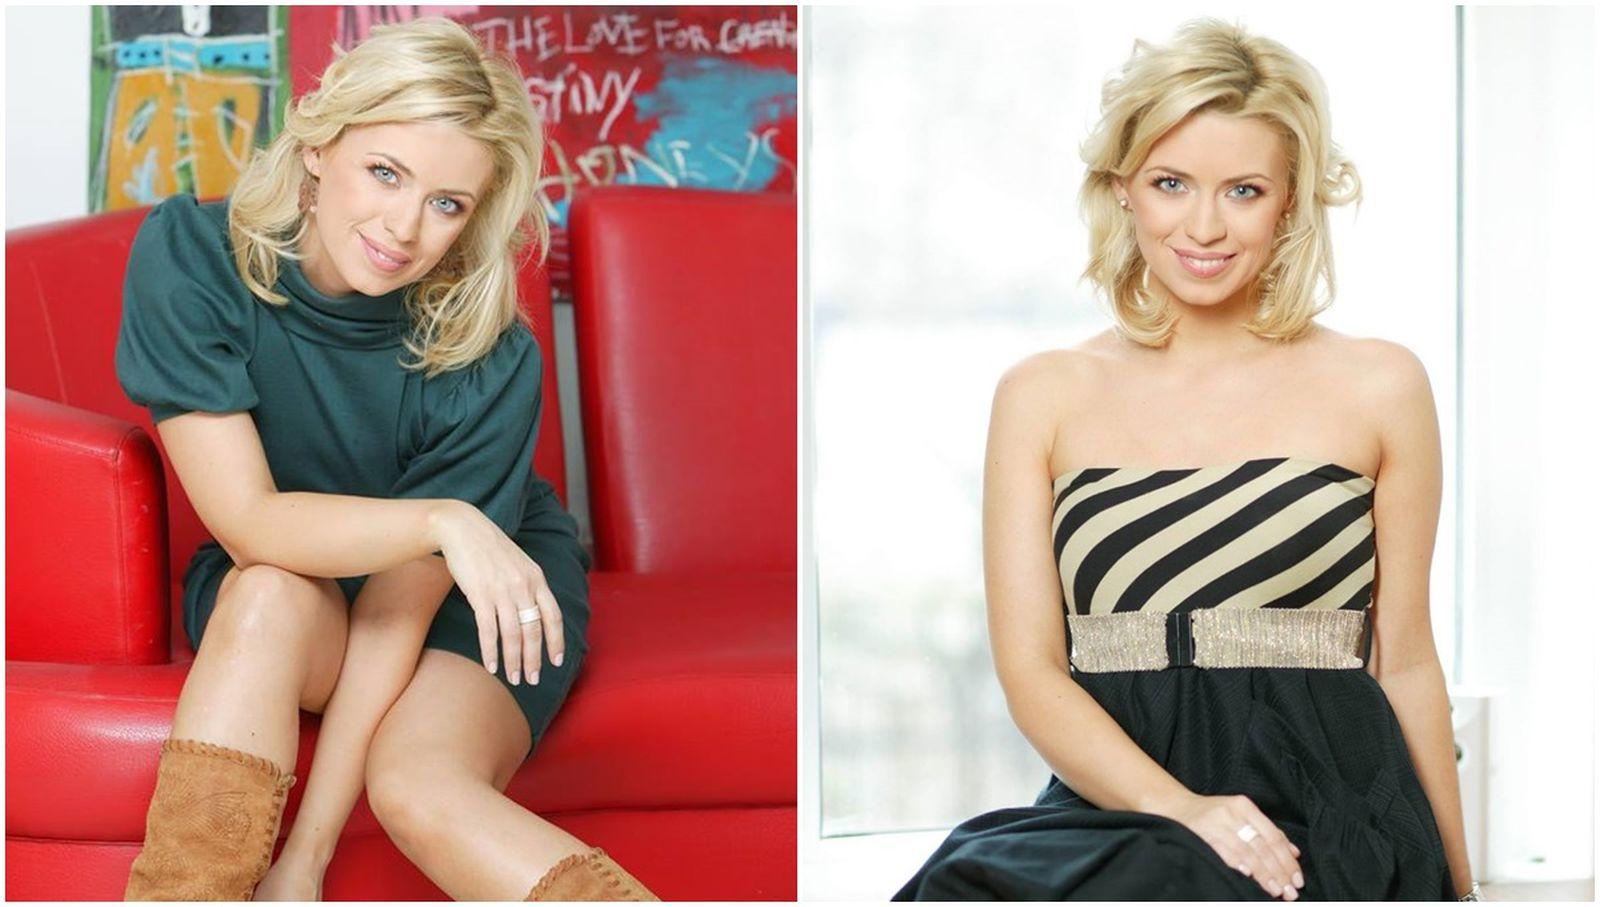 Cum arată astăzi Andreea Liptak, fosta prezentatoare de la PRO TV. Frumoasa blondină a devenit milionară în dolari